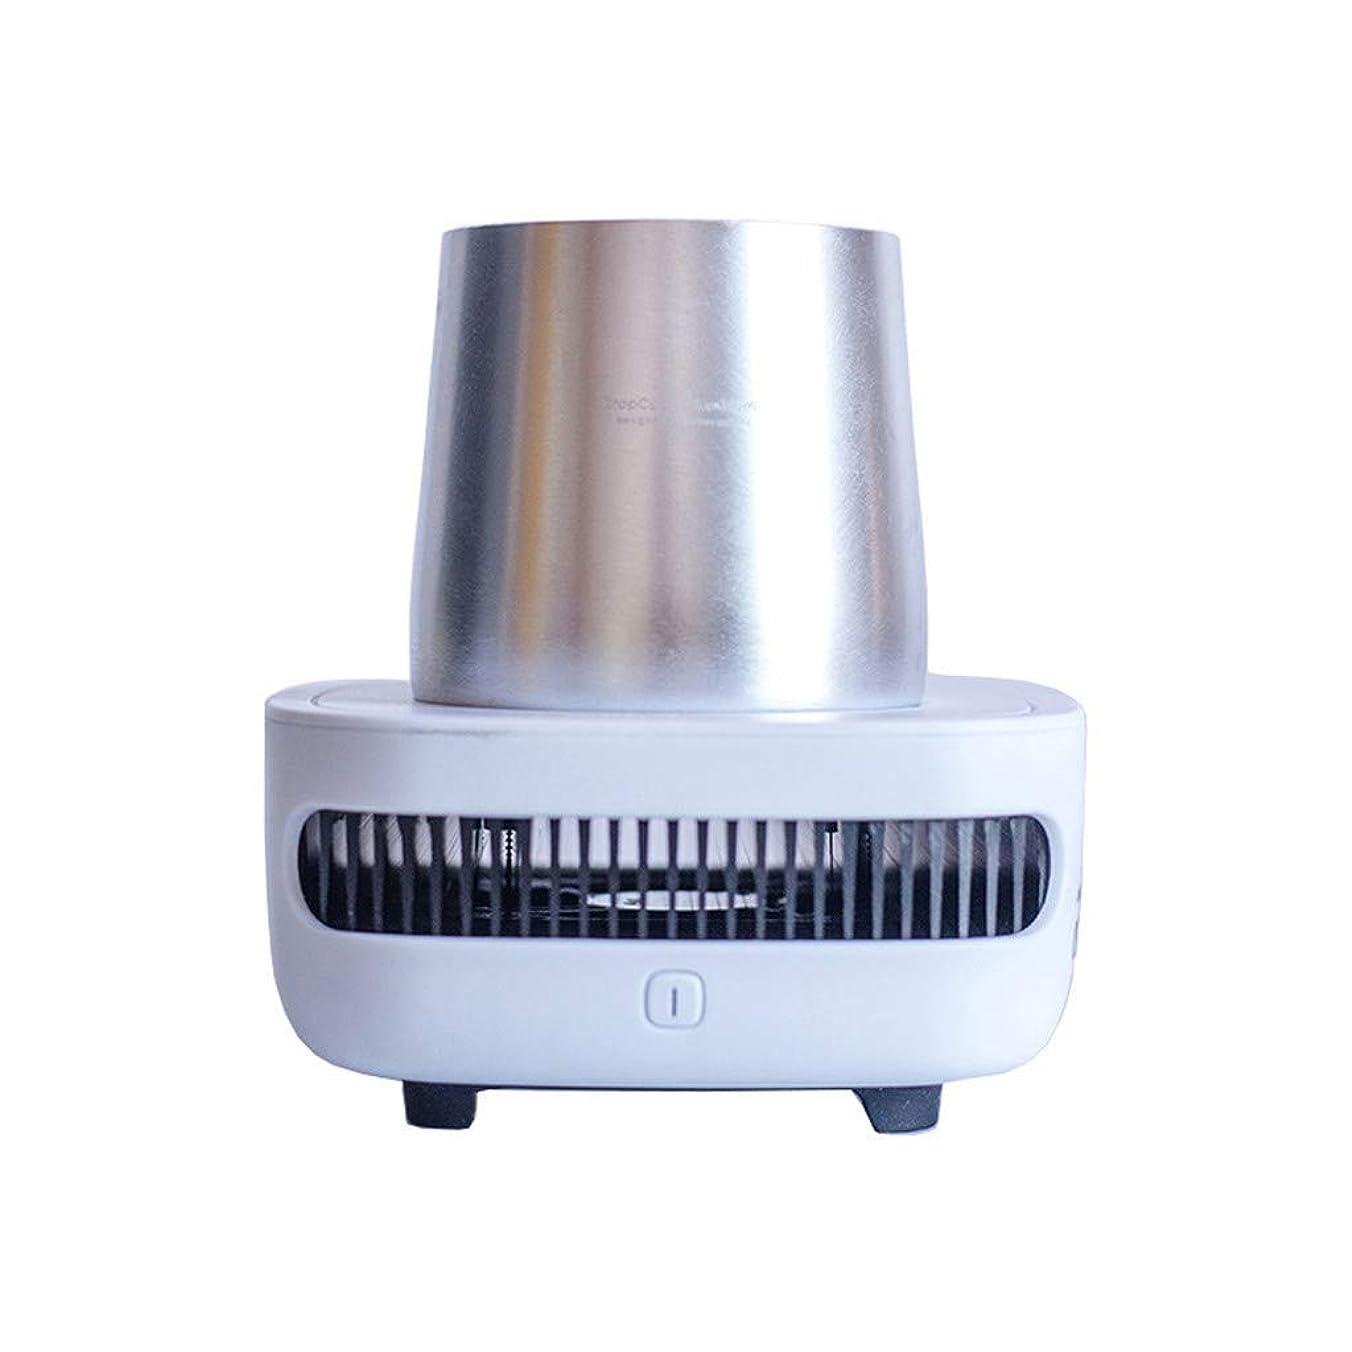 シロクマ乱闘共同選択ドリンククーラー ドリンク クーラーカップクーラー ホルダー ペルチェ 卓上 保冷 冷却 急冷 缶ビール cup cooler 急速 冷蔵 飲み物 温度維持 電動式 ペットボトル (ホワイト)